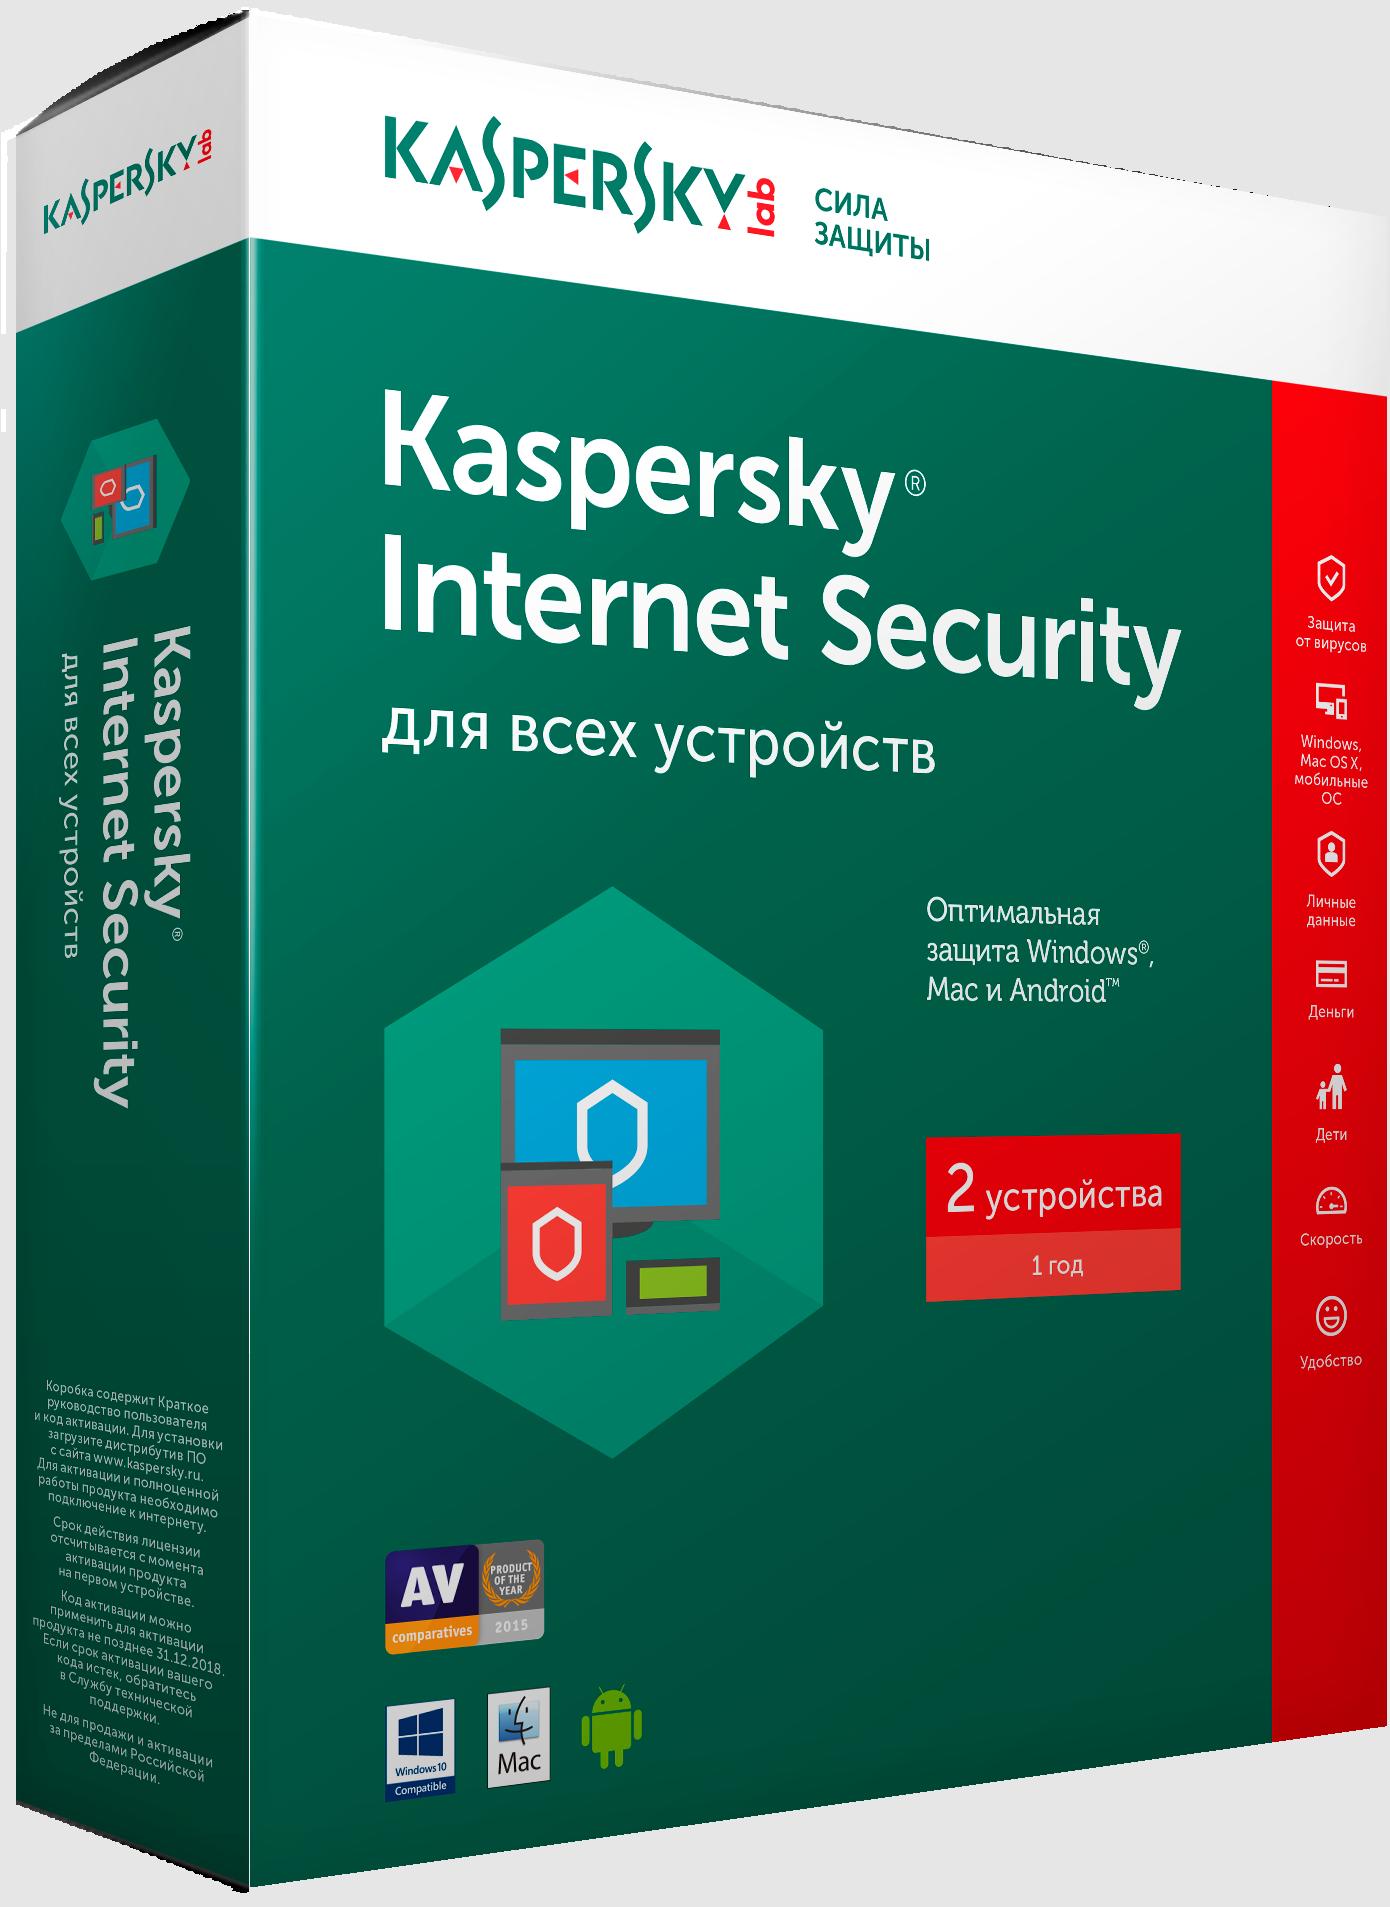 Kaspersky Internet Security для всех устройств (2 устройства, 1 год)Kaspersky Internet Security для всех устройств – единое комплексное решение для защиты любых устройств на платформах Windows, Android и Mac OS.<br>